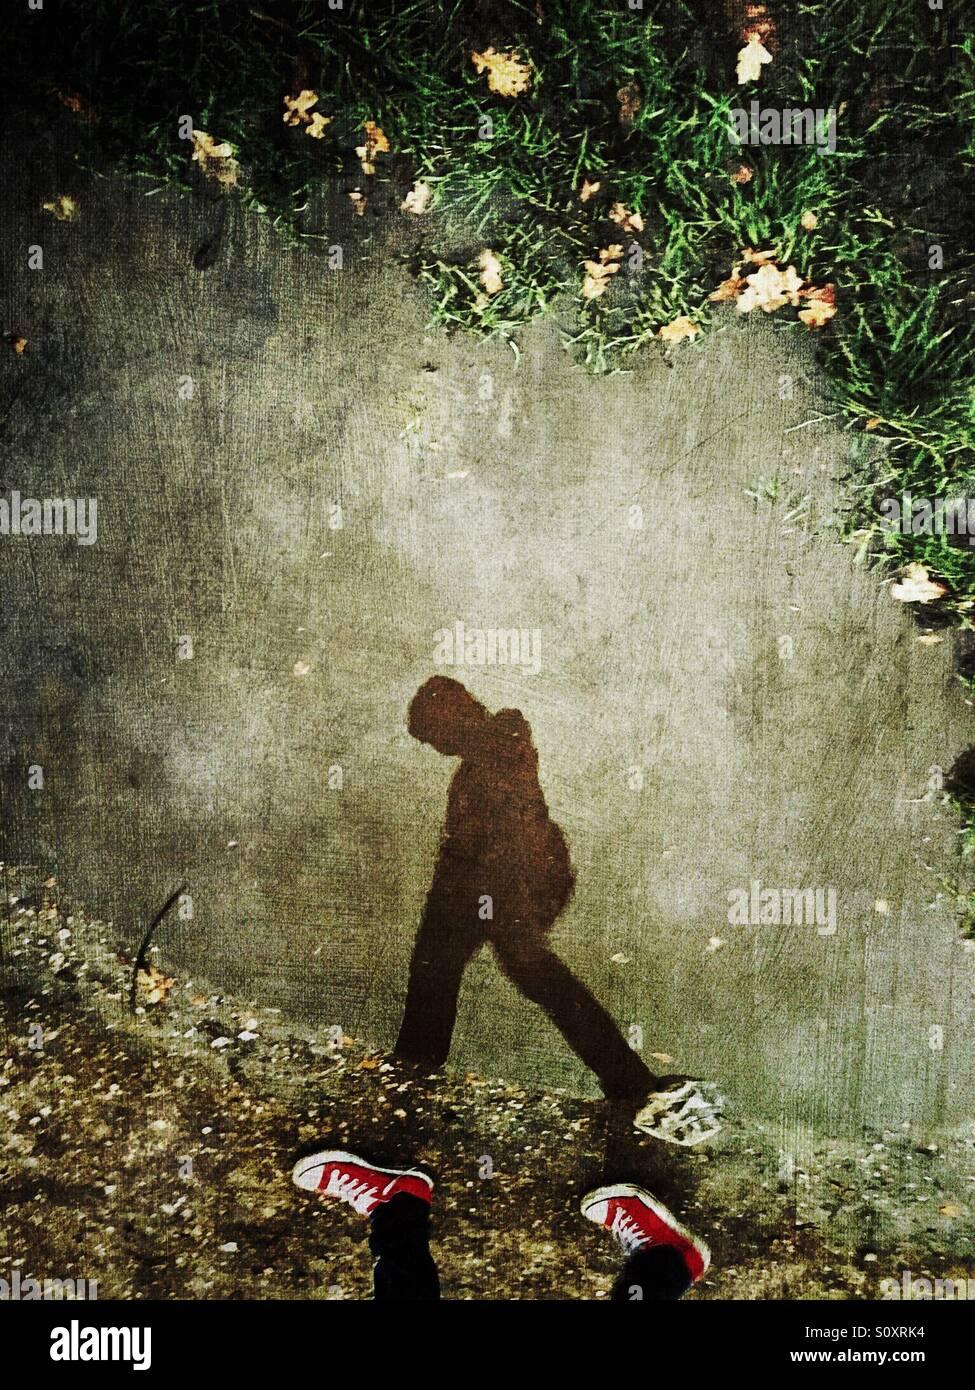 La riflessione di rendere i giovani a camminare con la testa in giù Immagini Stock